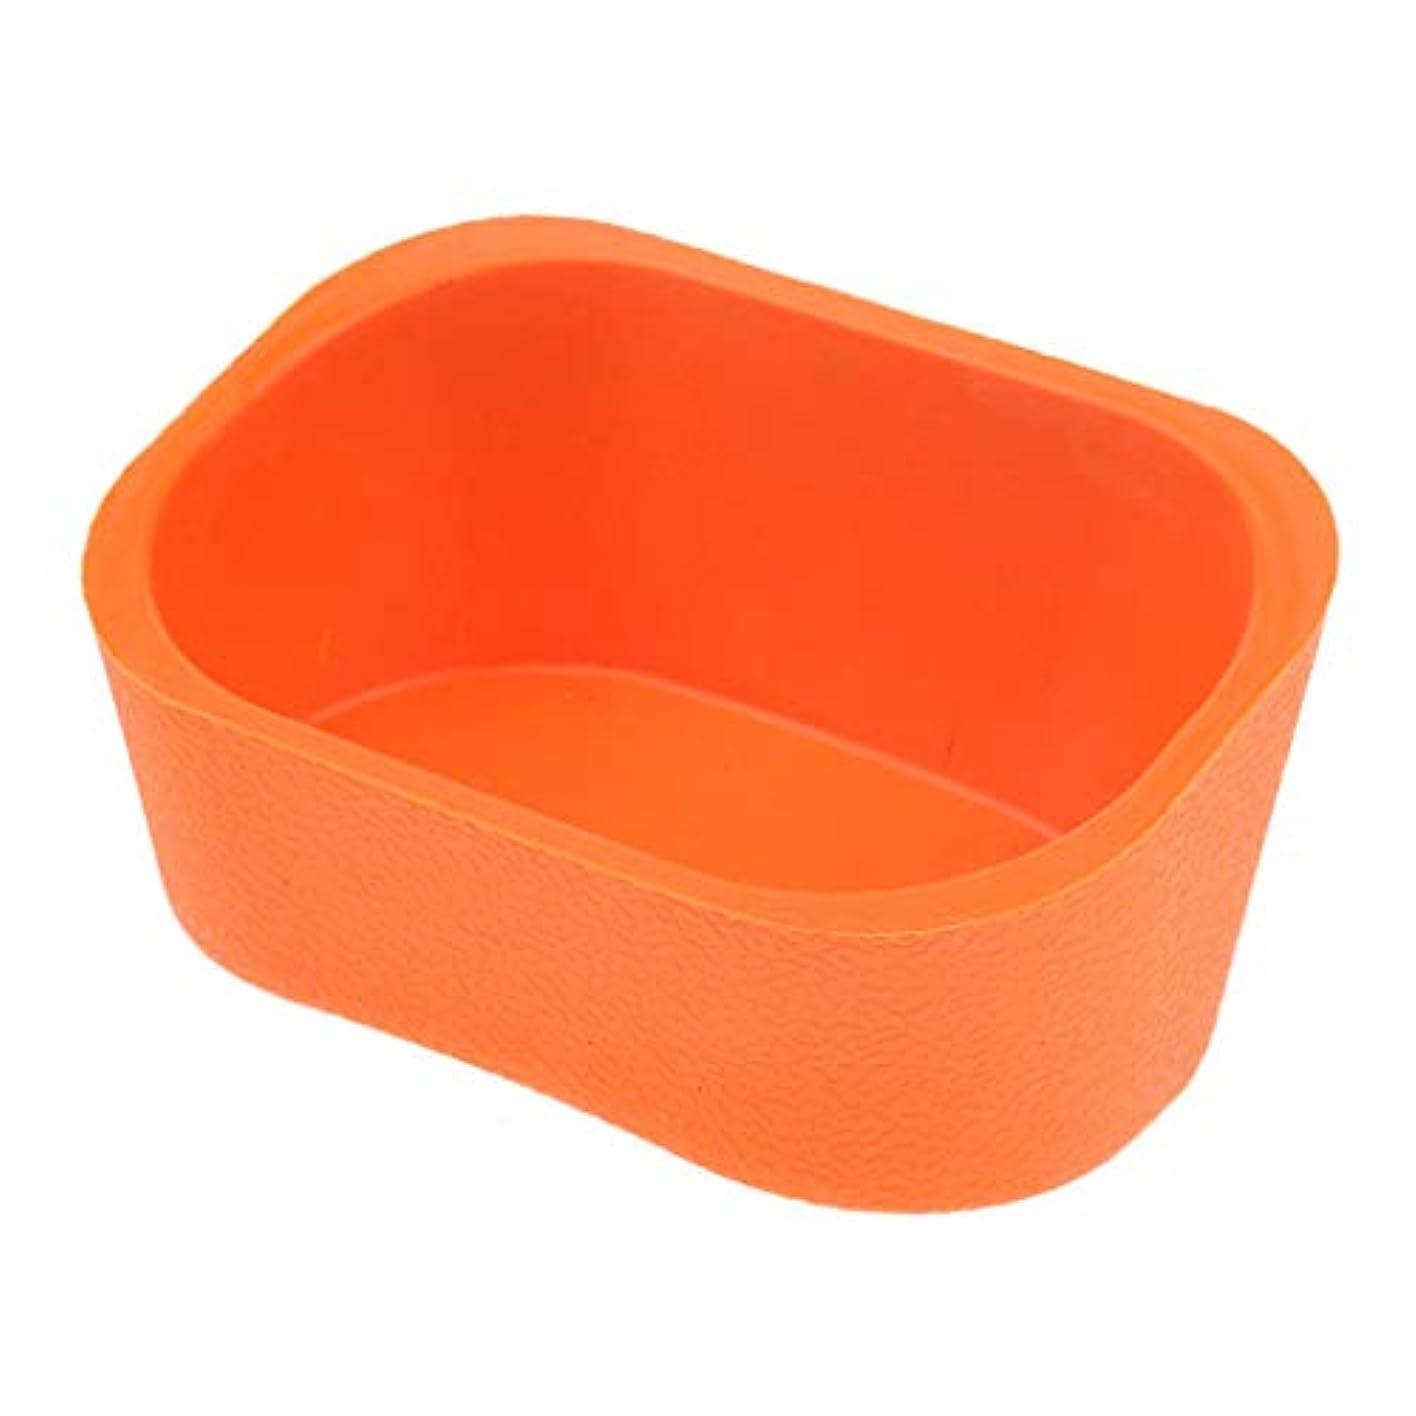 道に迷いました隙間暴力的なシャンプーボウル ネックレス クッション ピロー ヘアサロン ソフト シリコンゲル 5色選べ - オレンジ